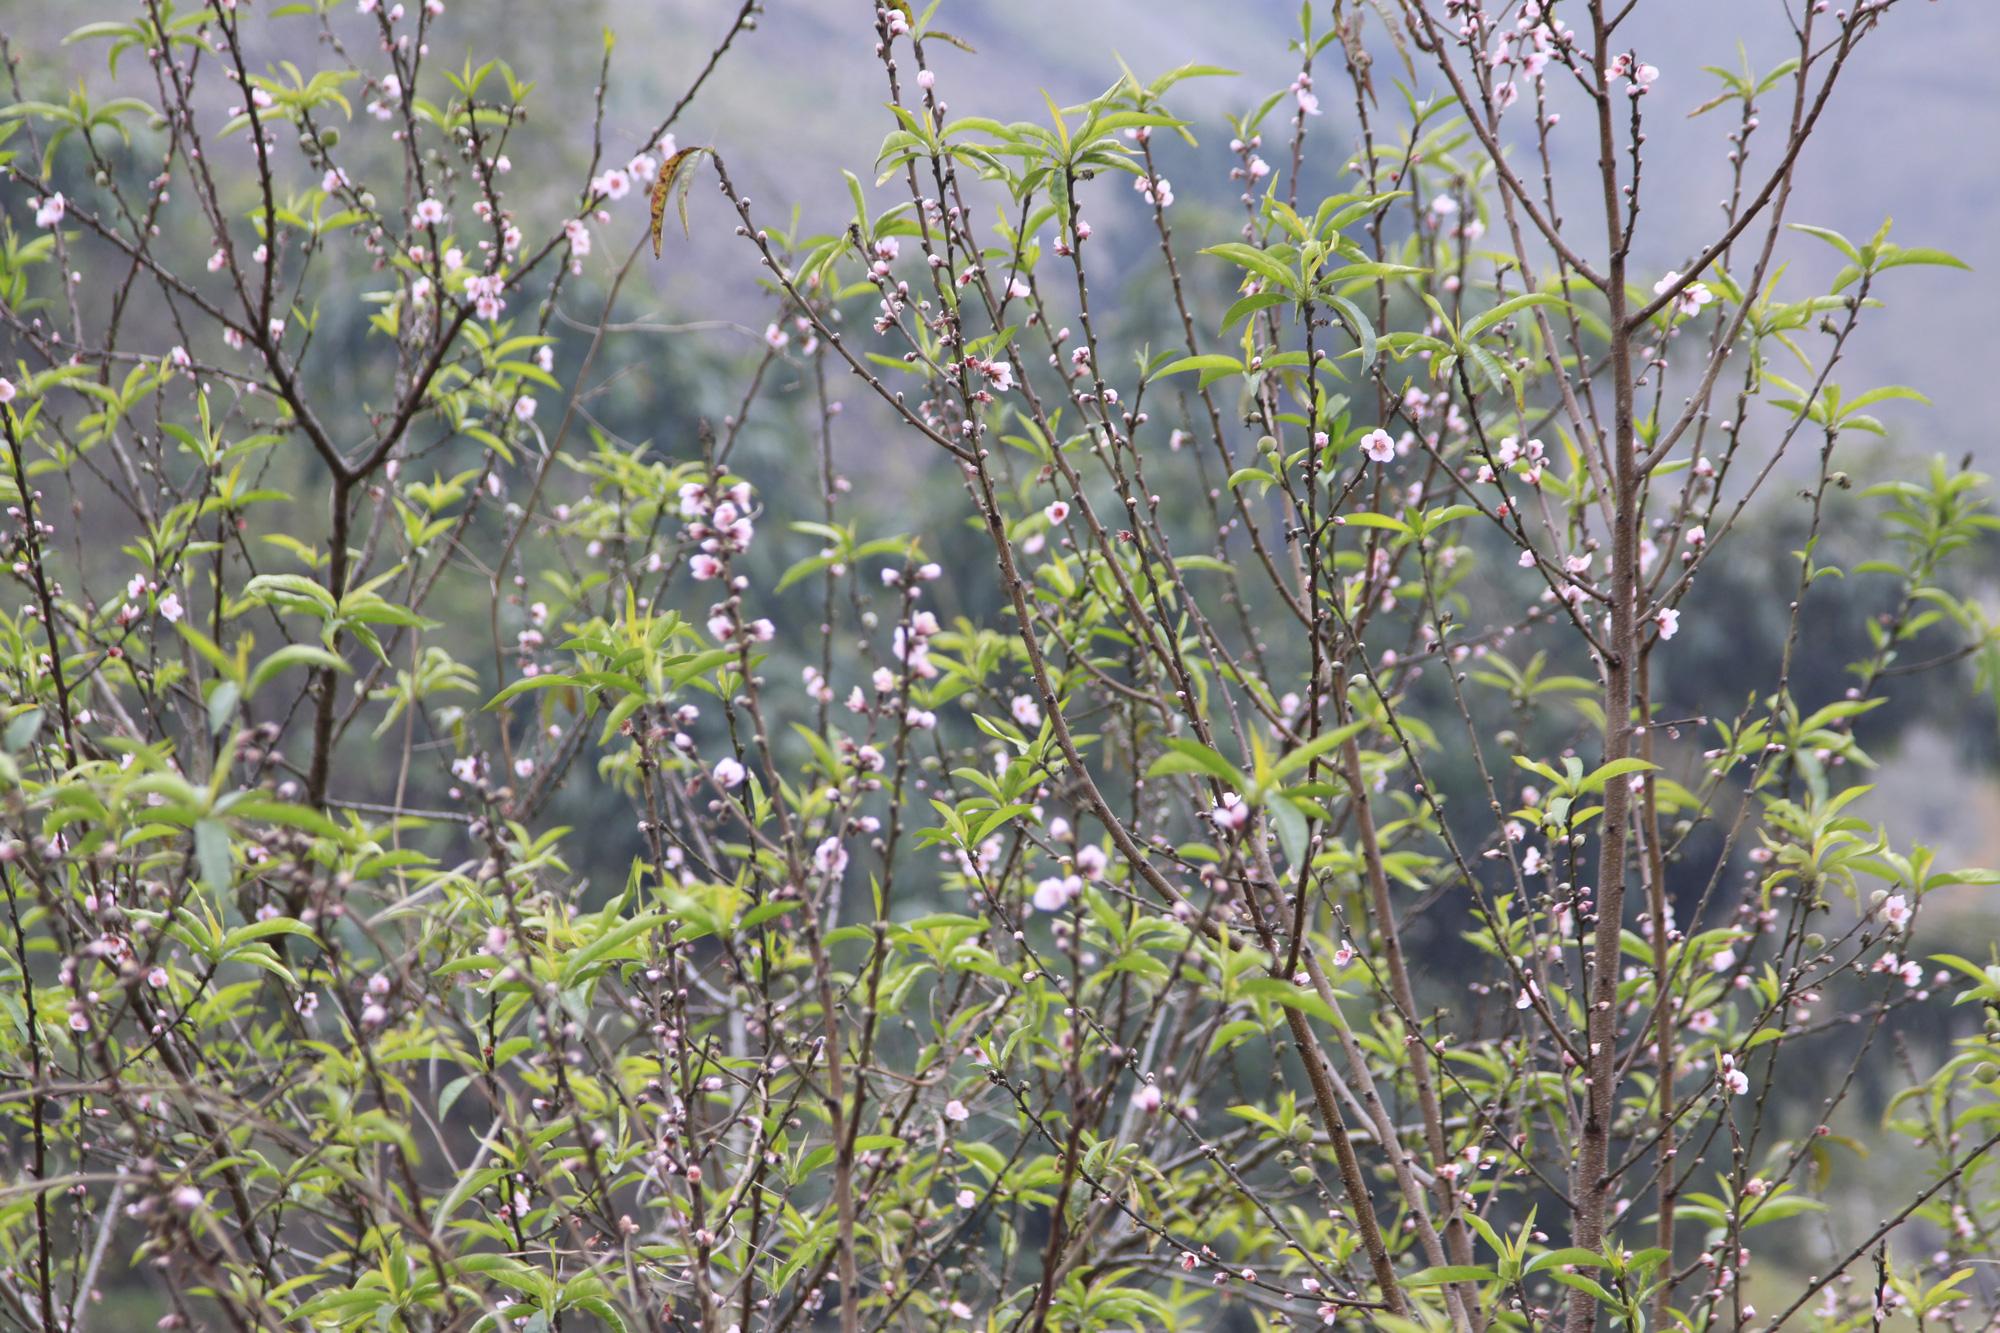 Sơn La: Dán tem cho 5.000 đào rừng dân trồng, phân biệt với đào rừng tự nhiên - Ảnh 2.